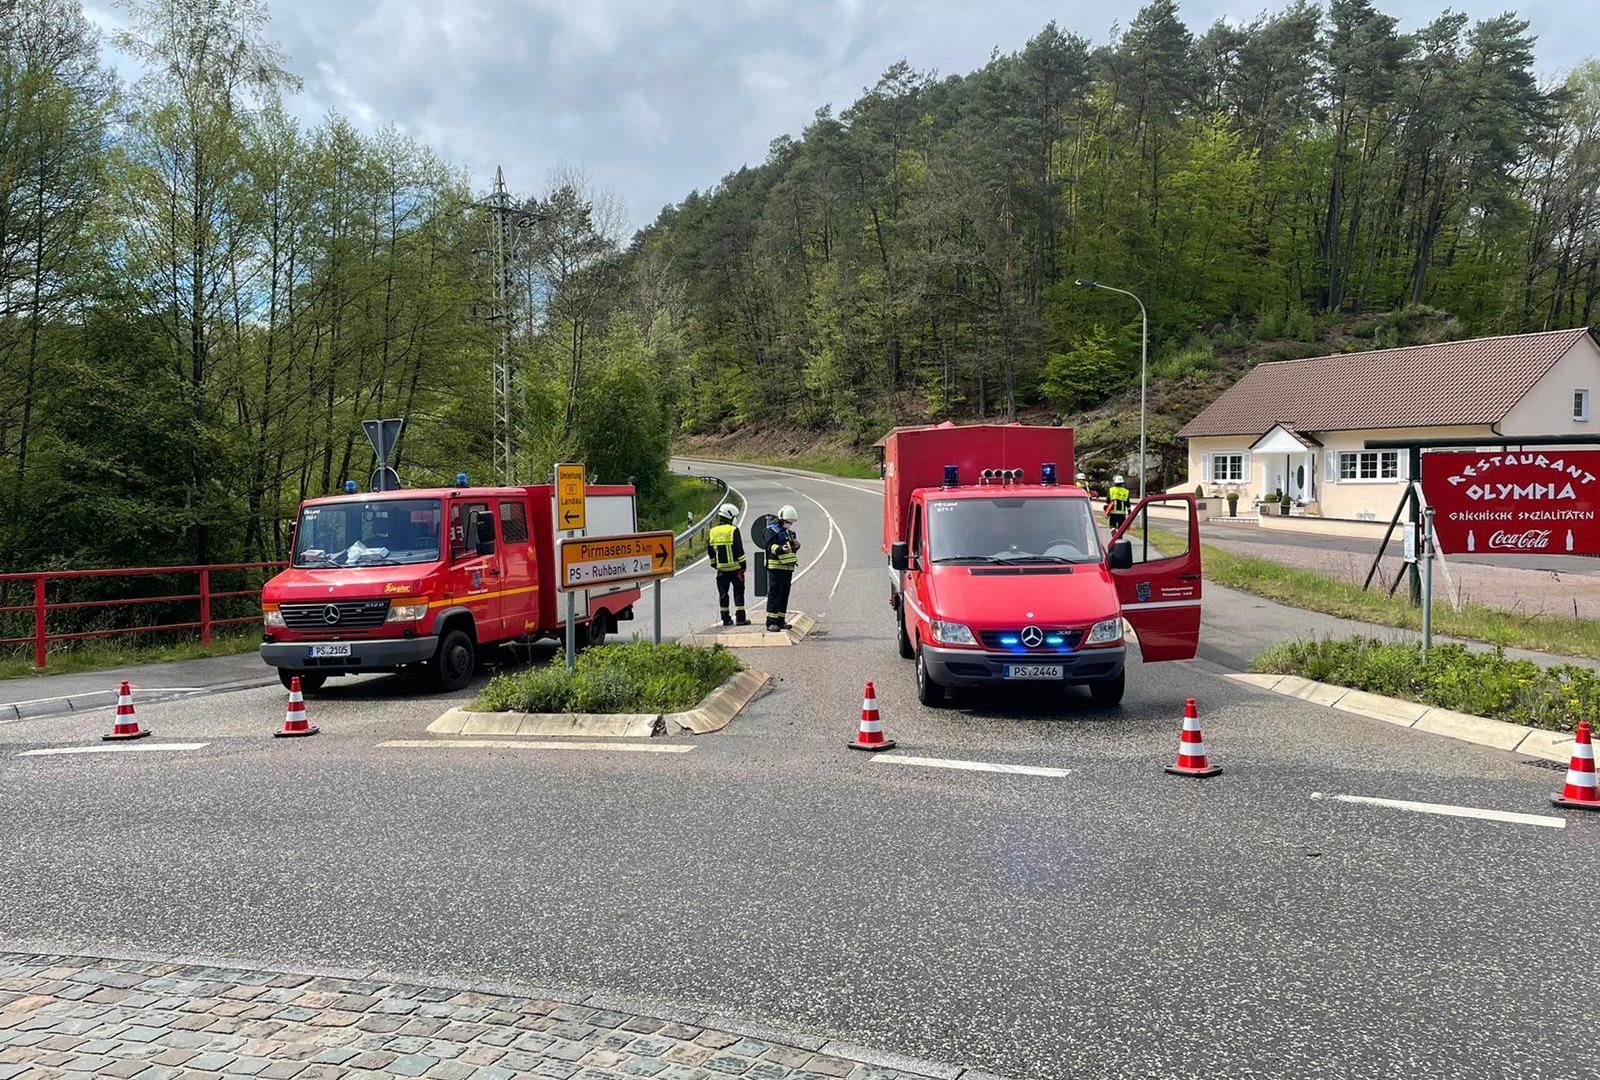 Feuerwehr Ruppertsweiler